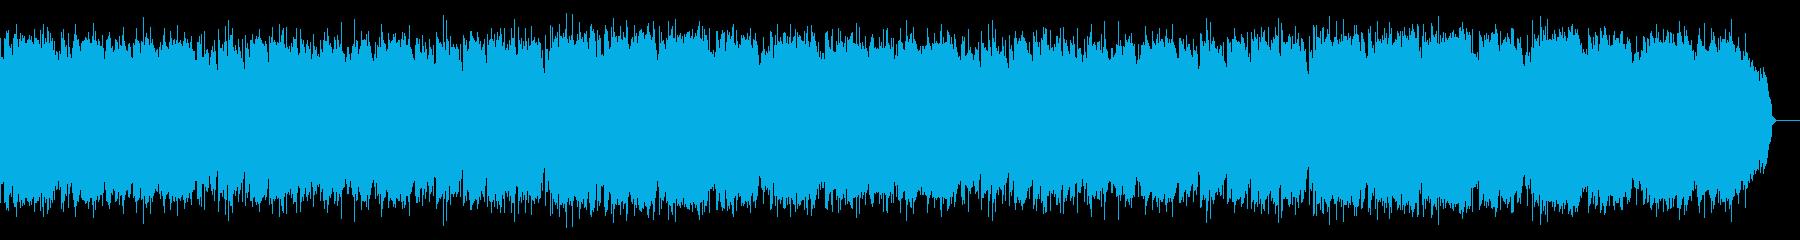 ロカバラのサビがジャズ風で明るいポップスの再生済みの波形